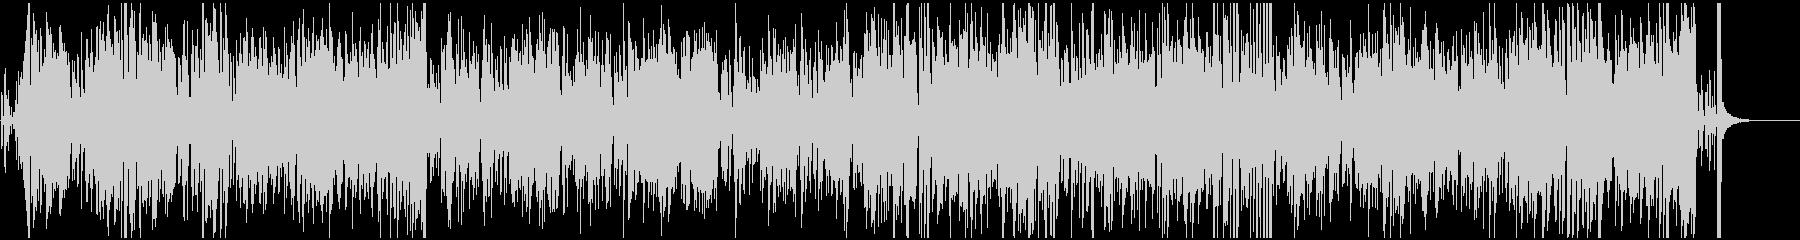 映像BGM おしゃれなジャズボサノバの未再生の波形